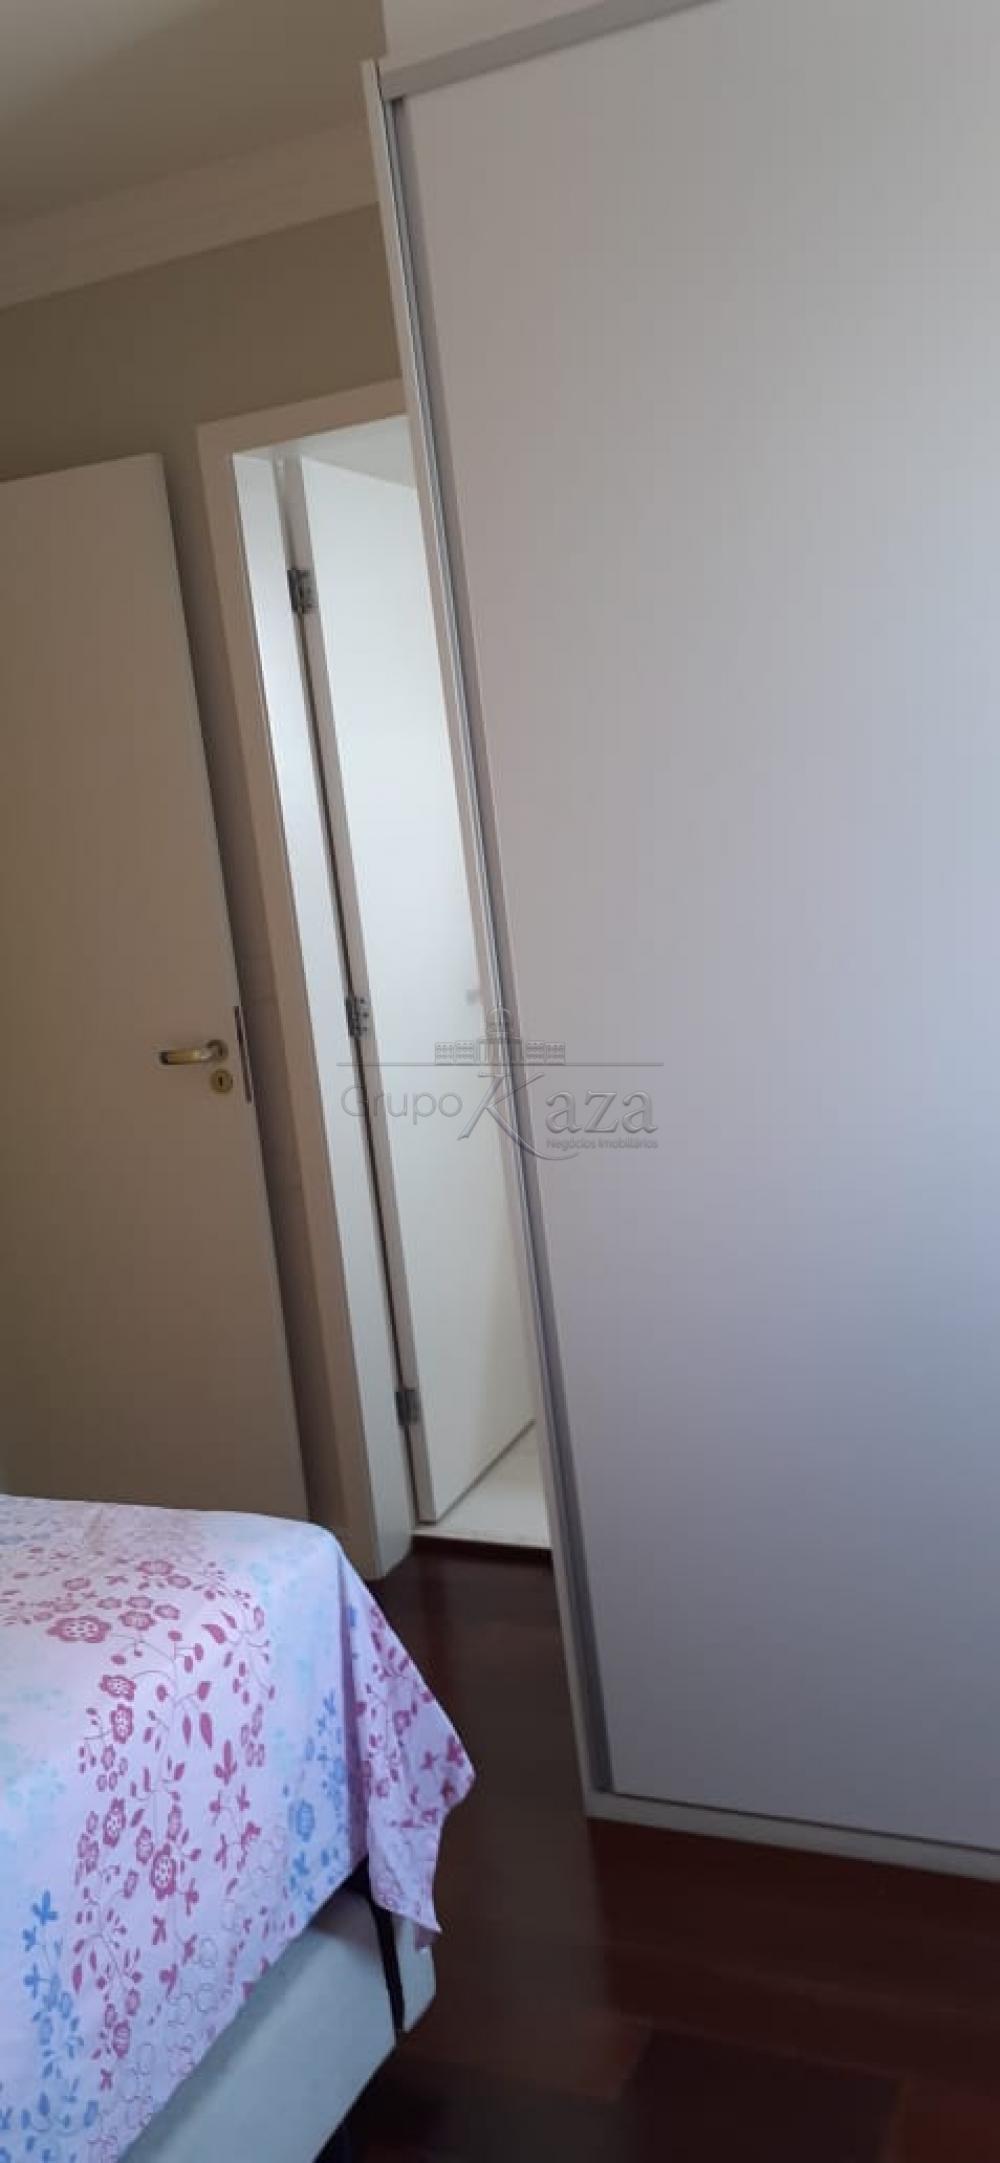 Comprar Apartamento / Padrão em São José dos Campos apenas R$ 930.000,00 - Foto 17